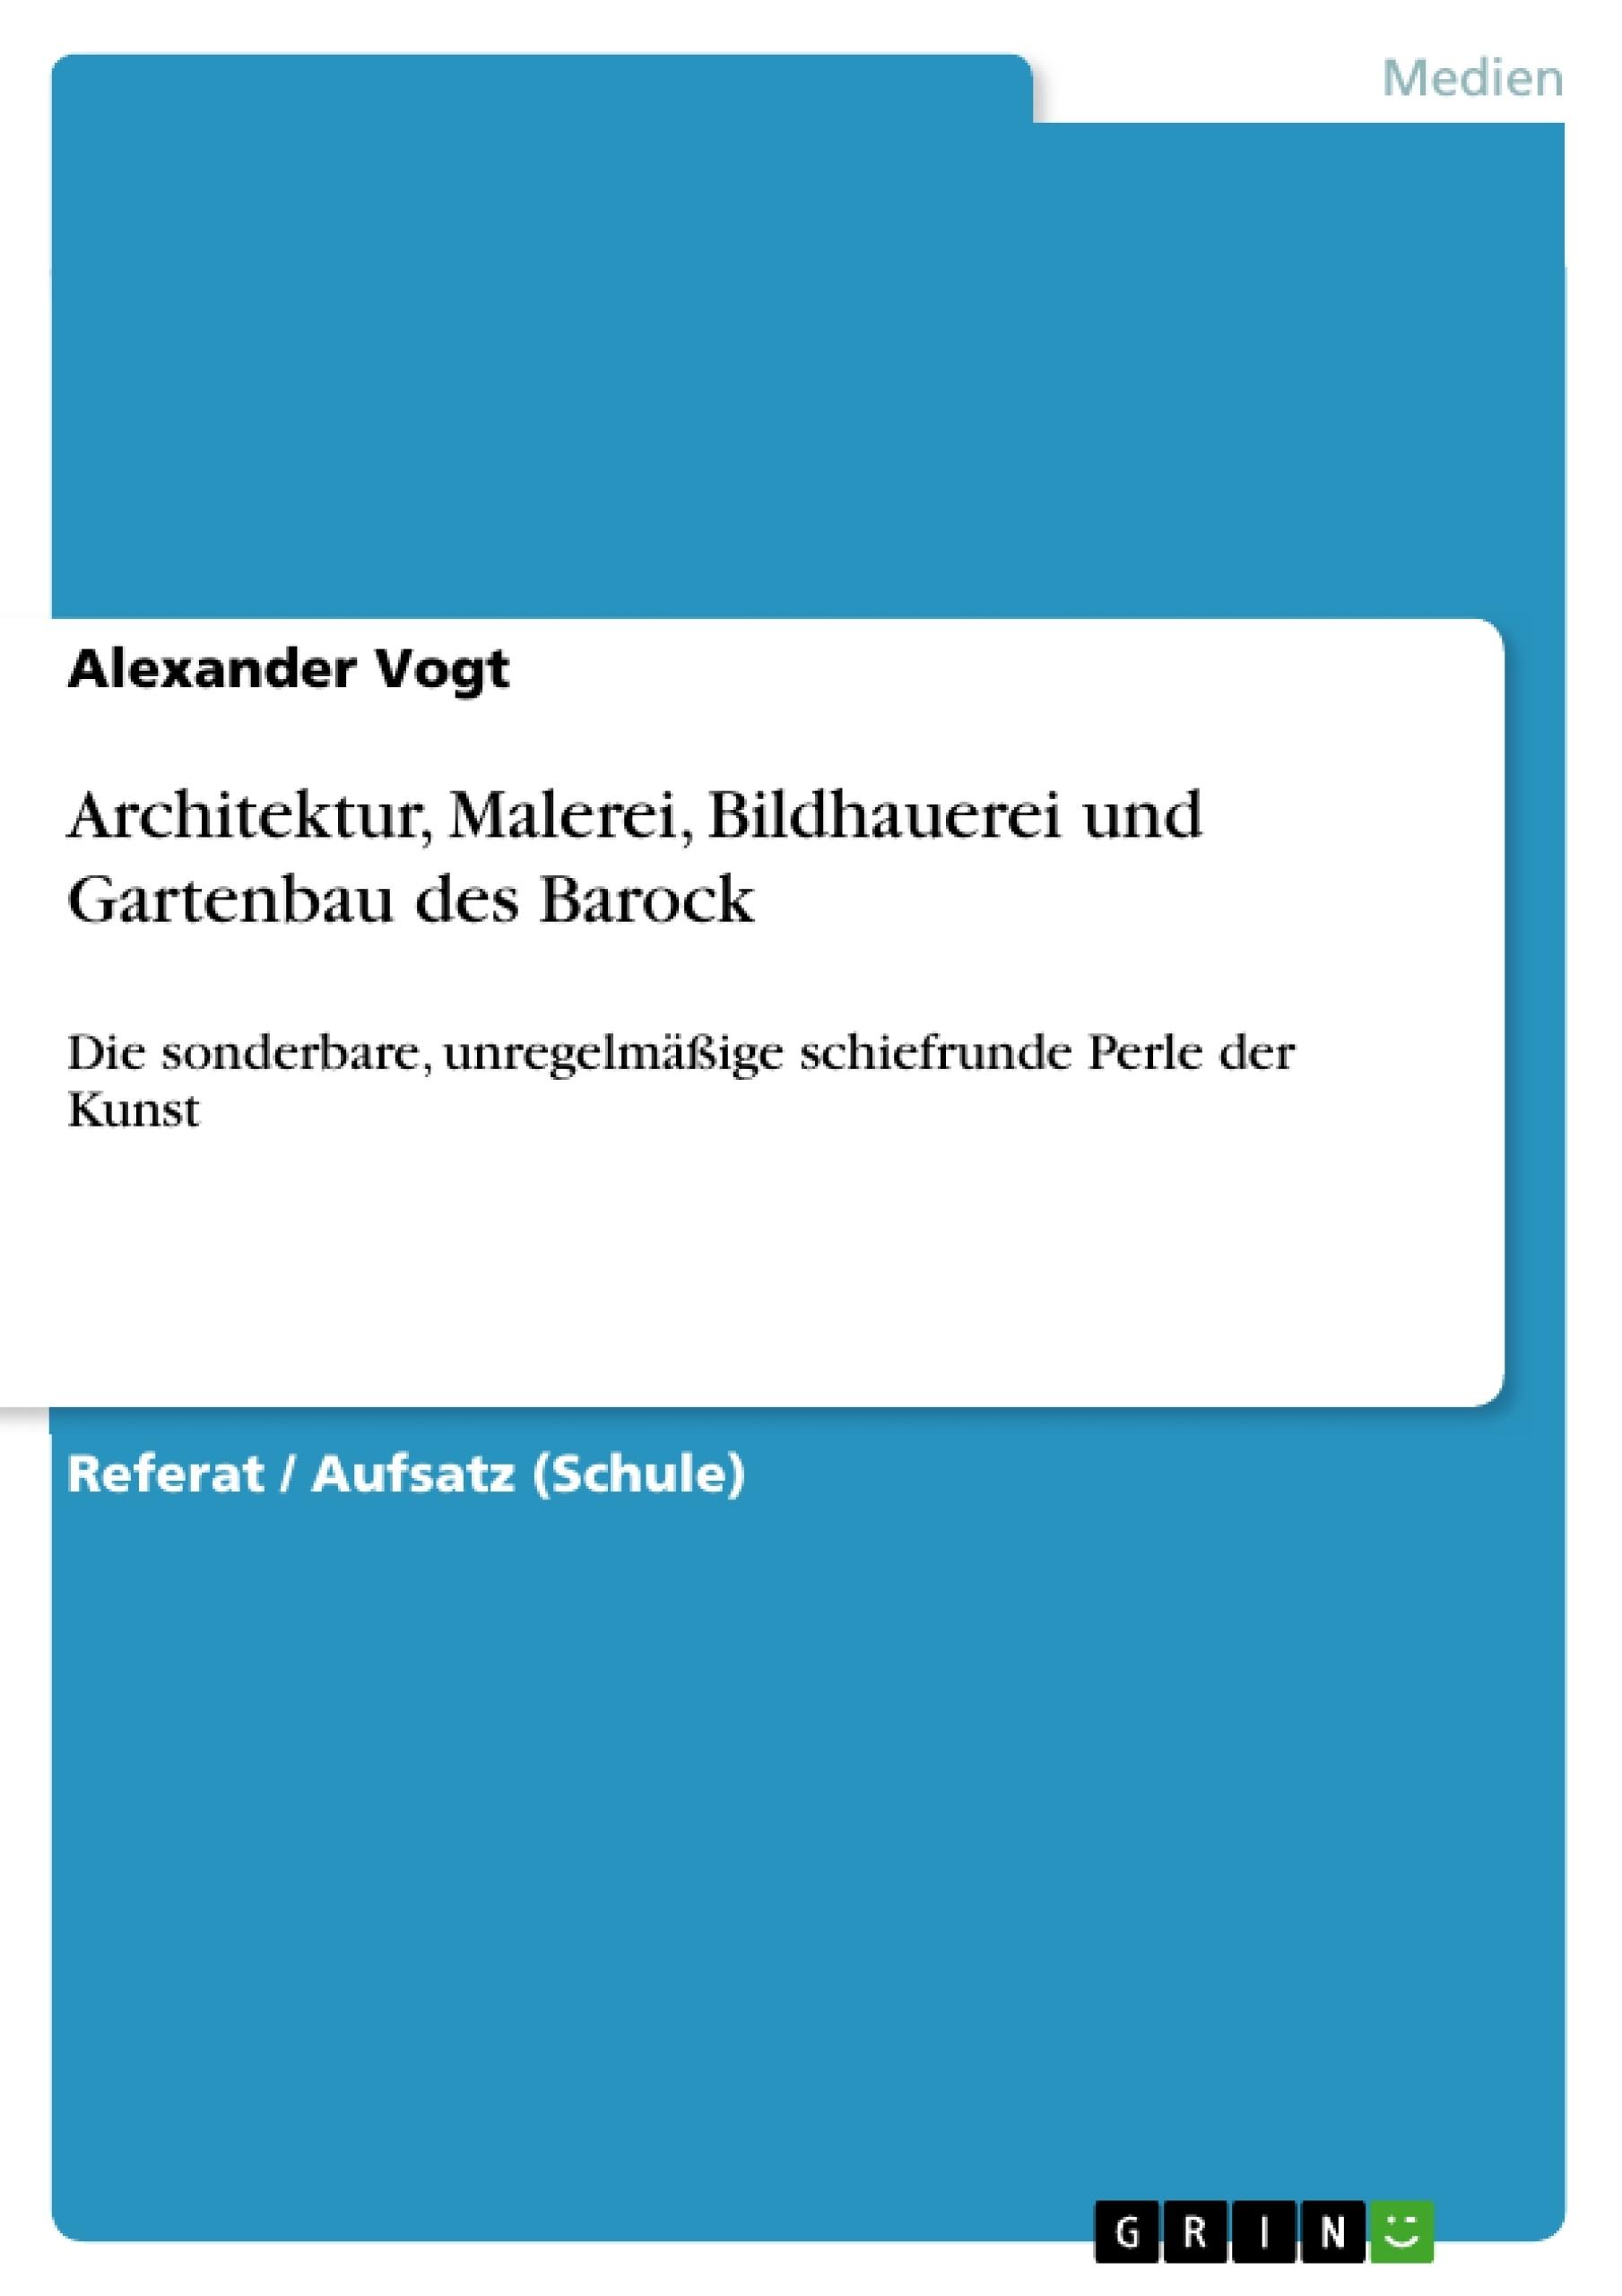 Titel: Architektur, Malerei, Bildhauerei und Gartenbau des Barock